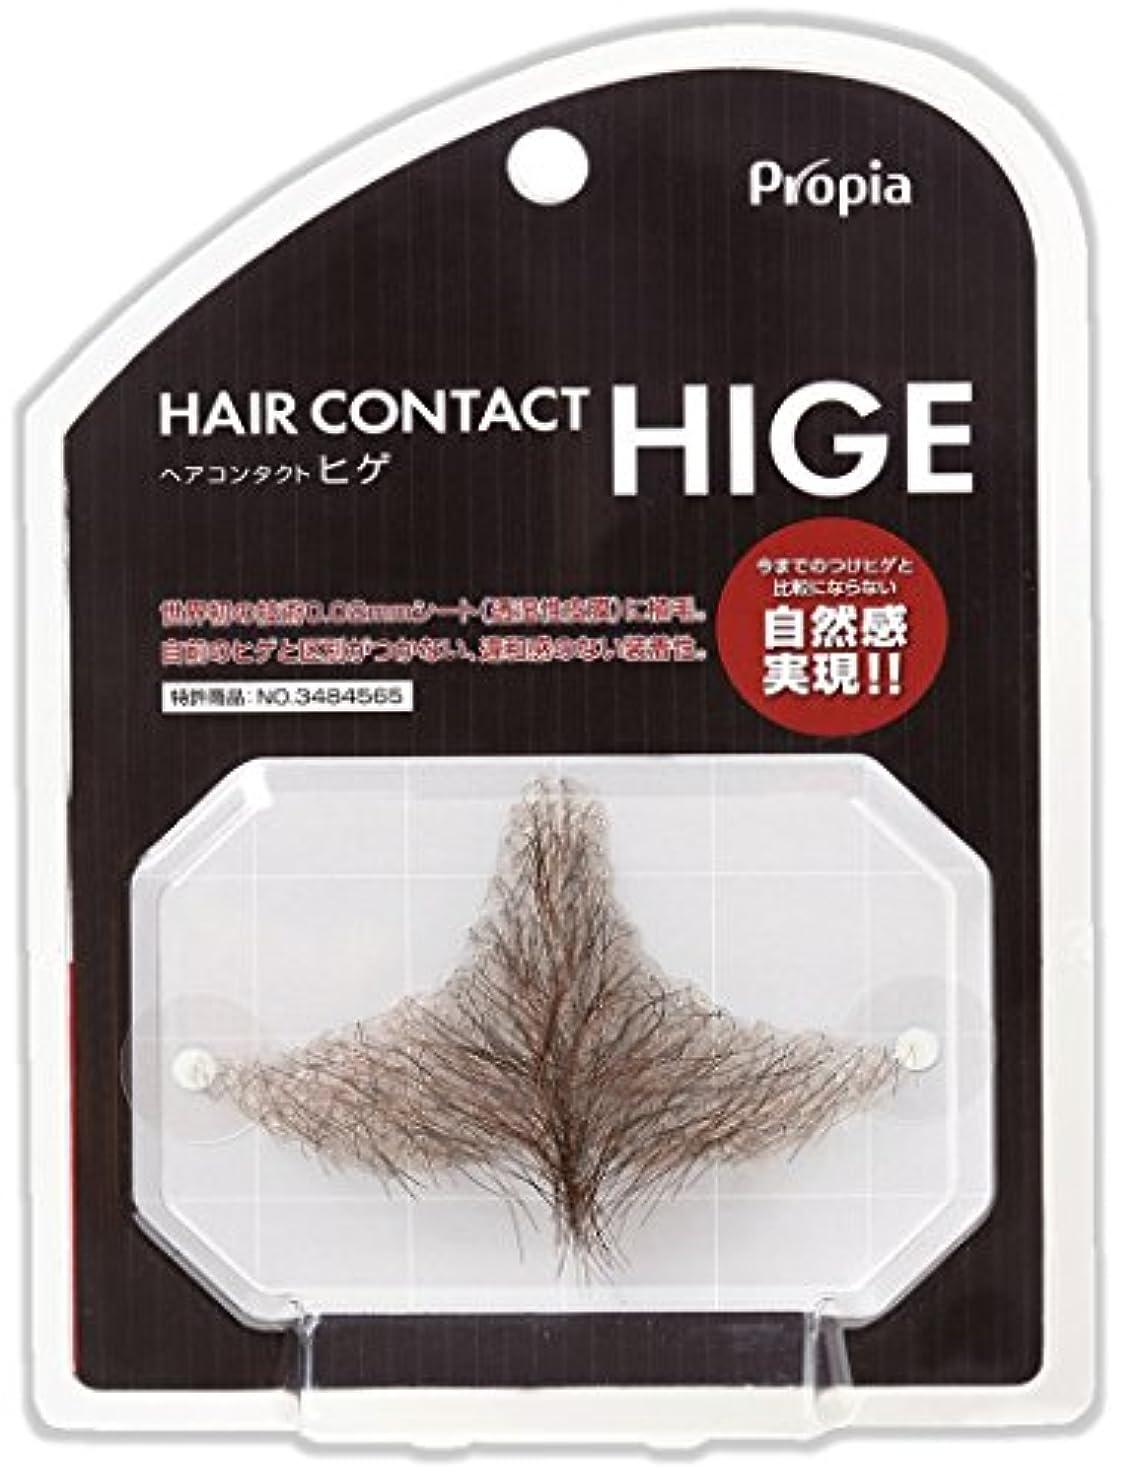 放つ中央解説HAIR CONTACT HIGE アゴヒゲ アンカー